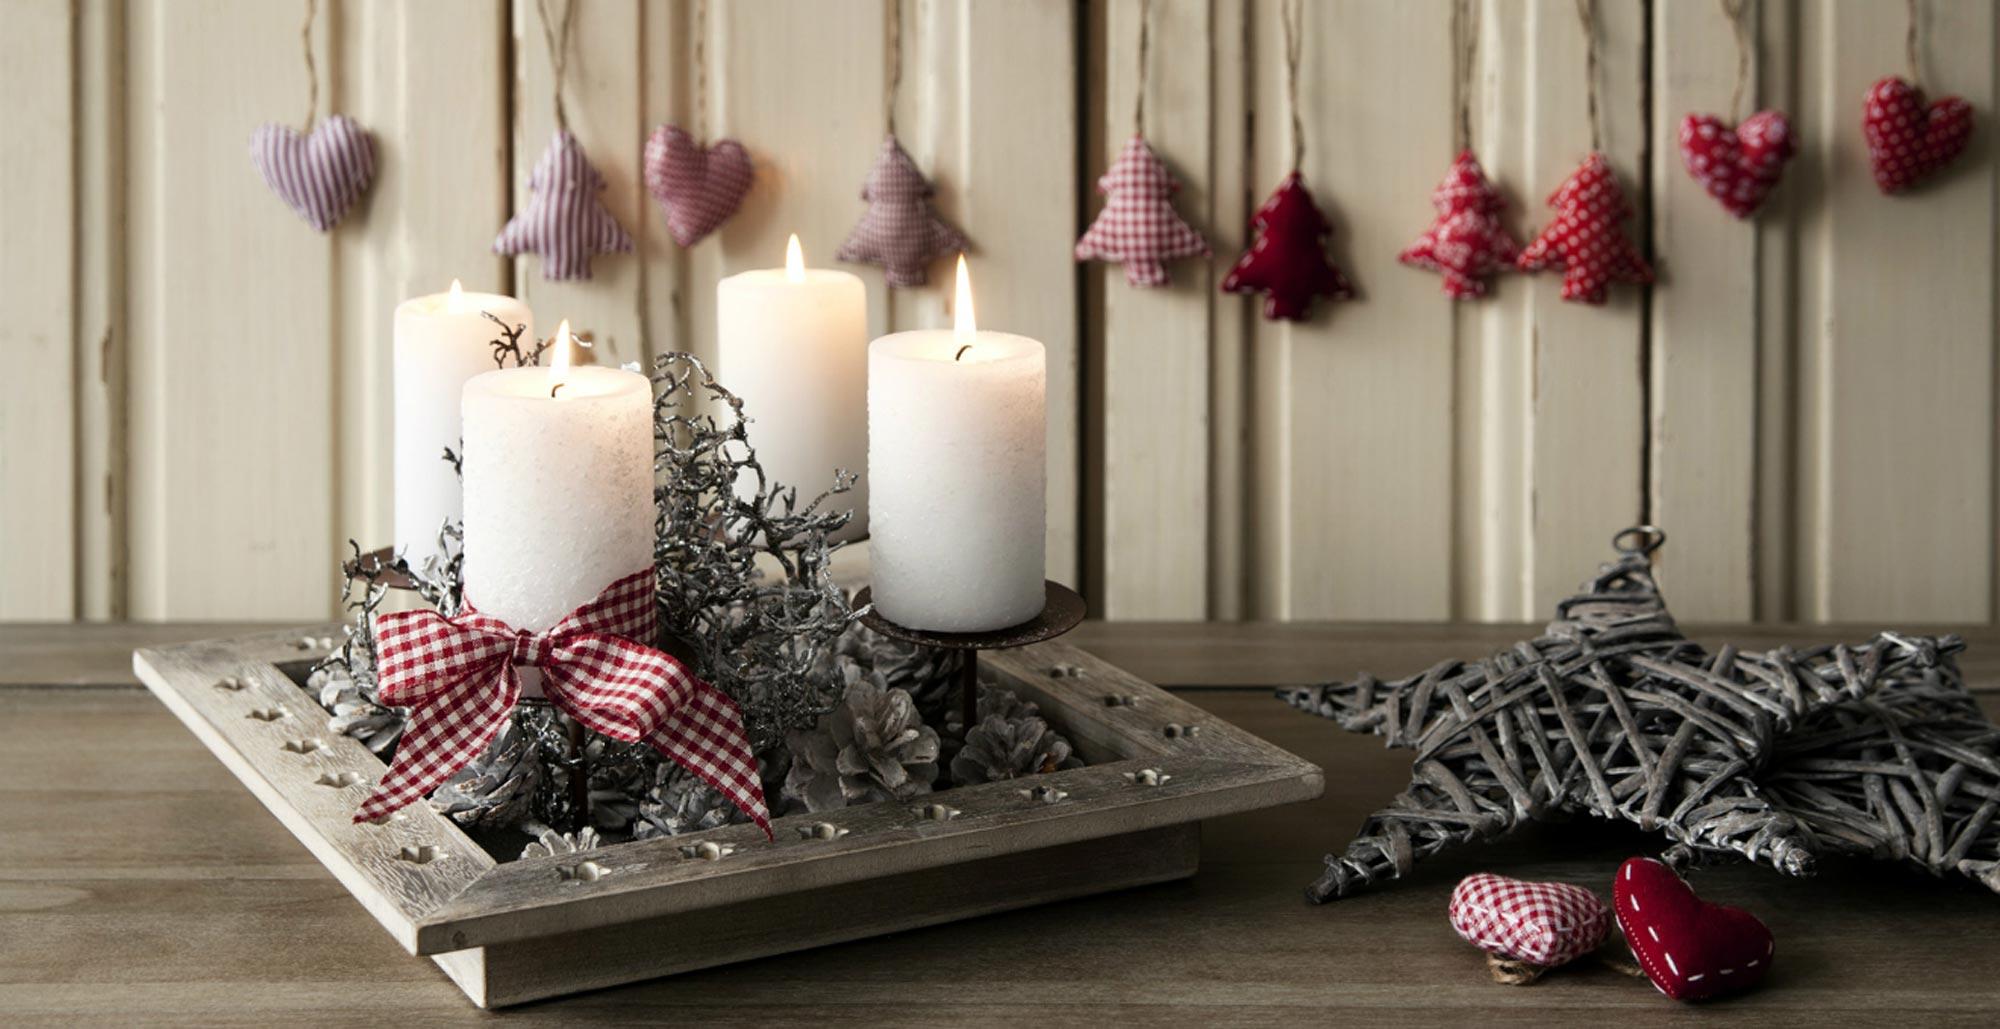 Decorazioni Per Casa Natalizie : Decorazioni natalizie olgiate comasco e gallarate tagoo giardino e